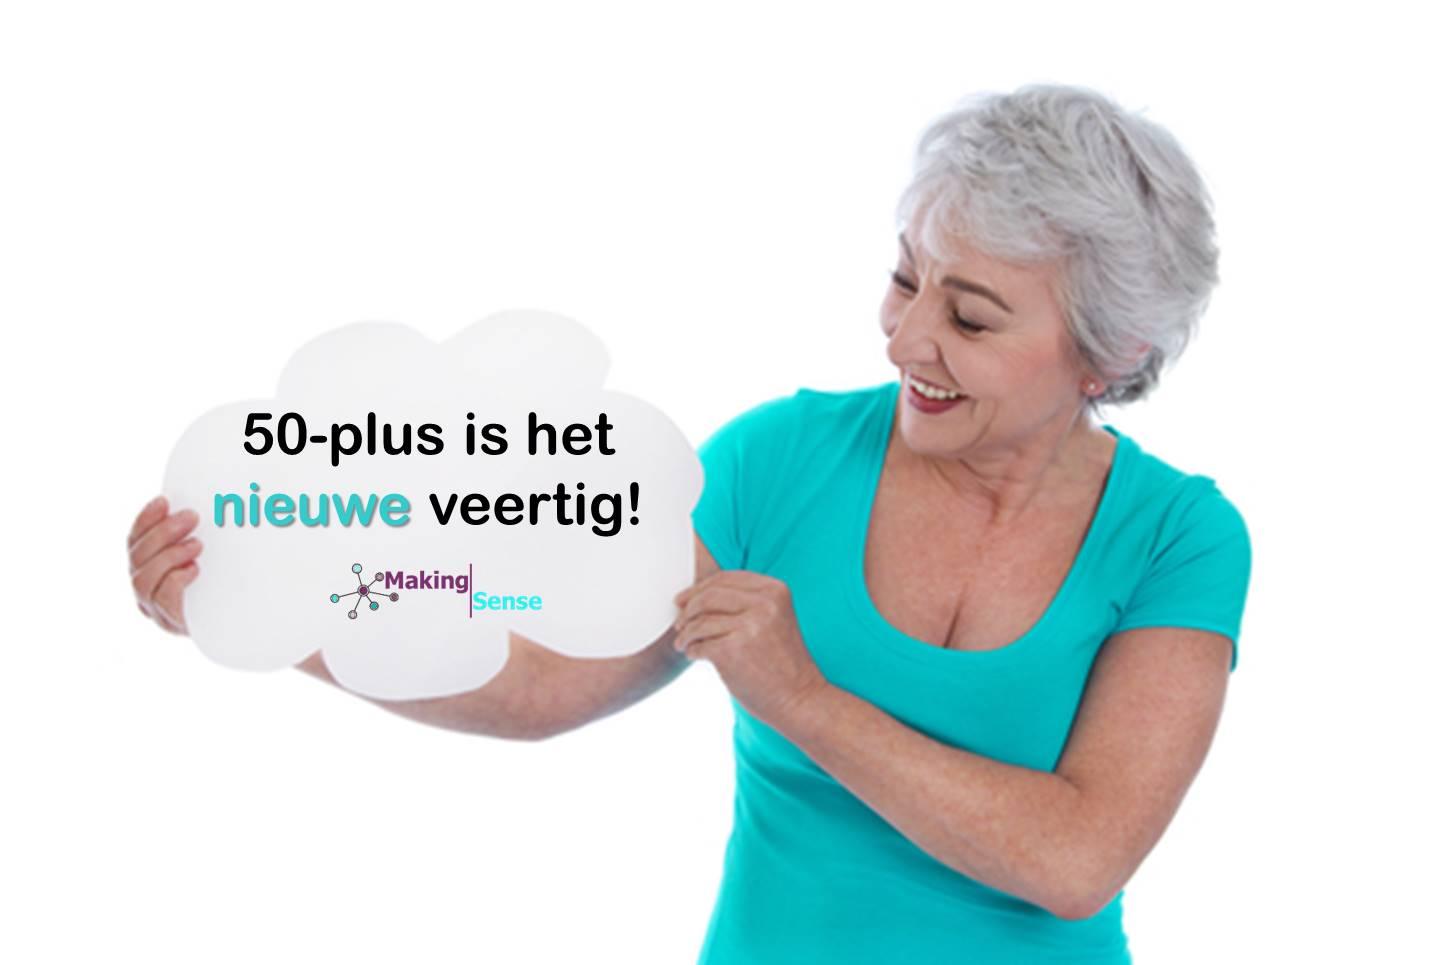 vijftig nieuwe veertig